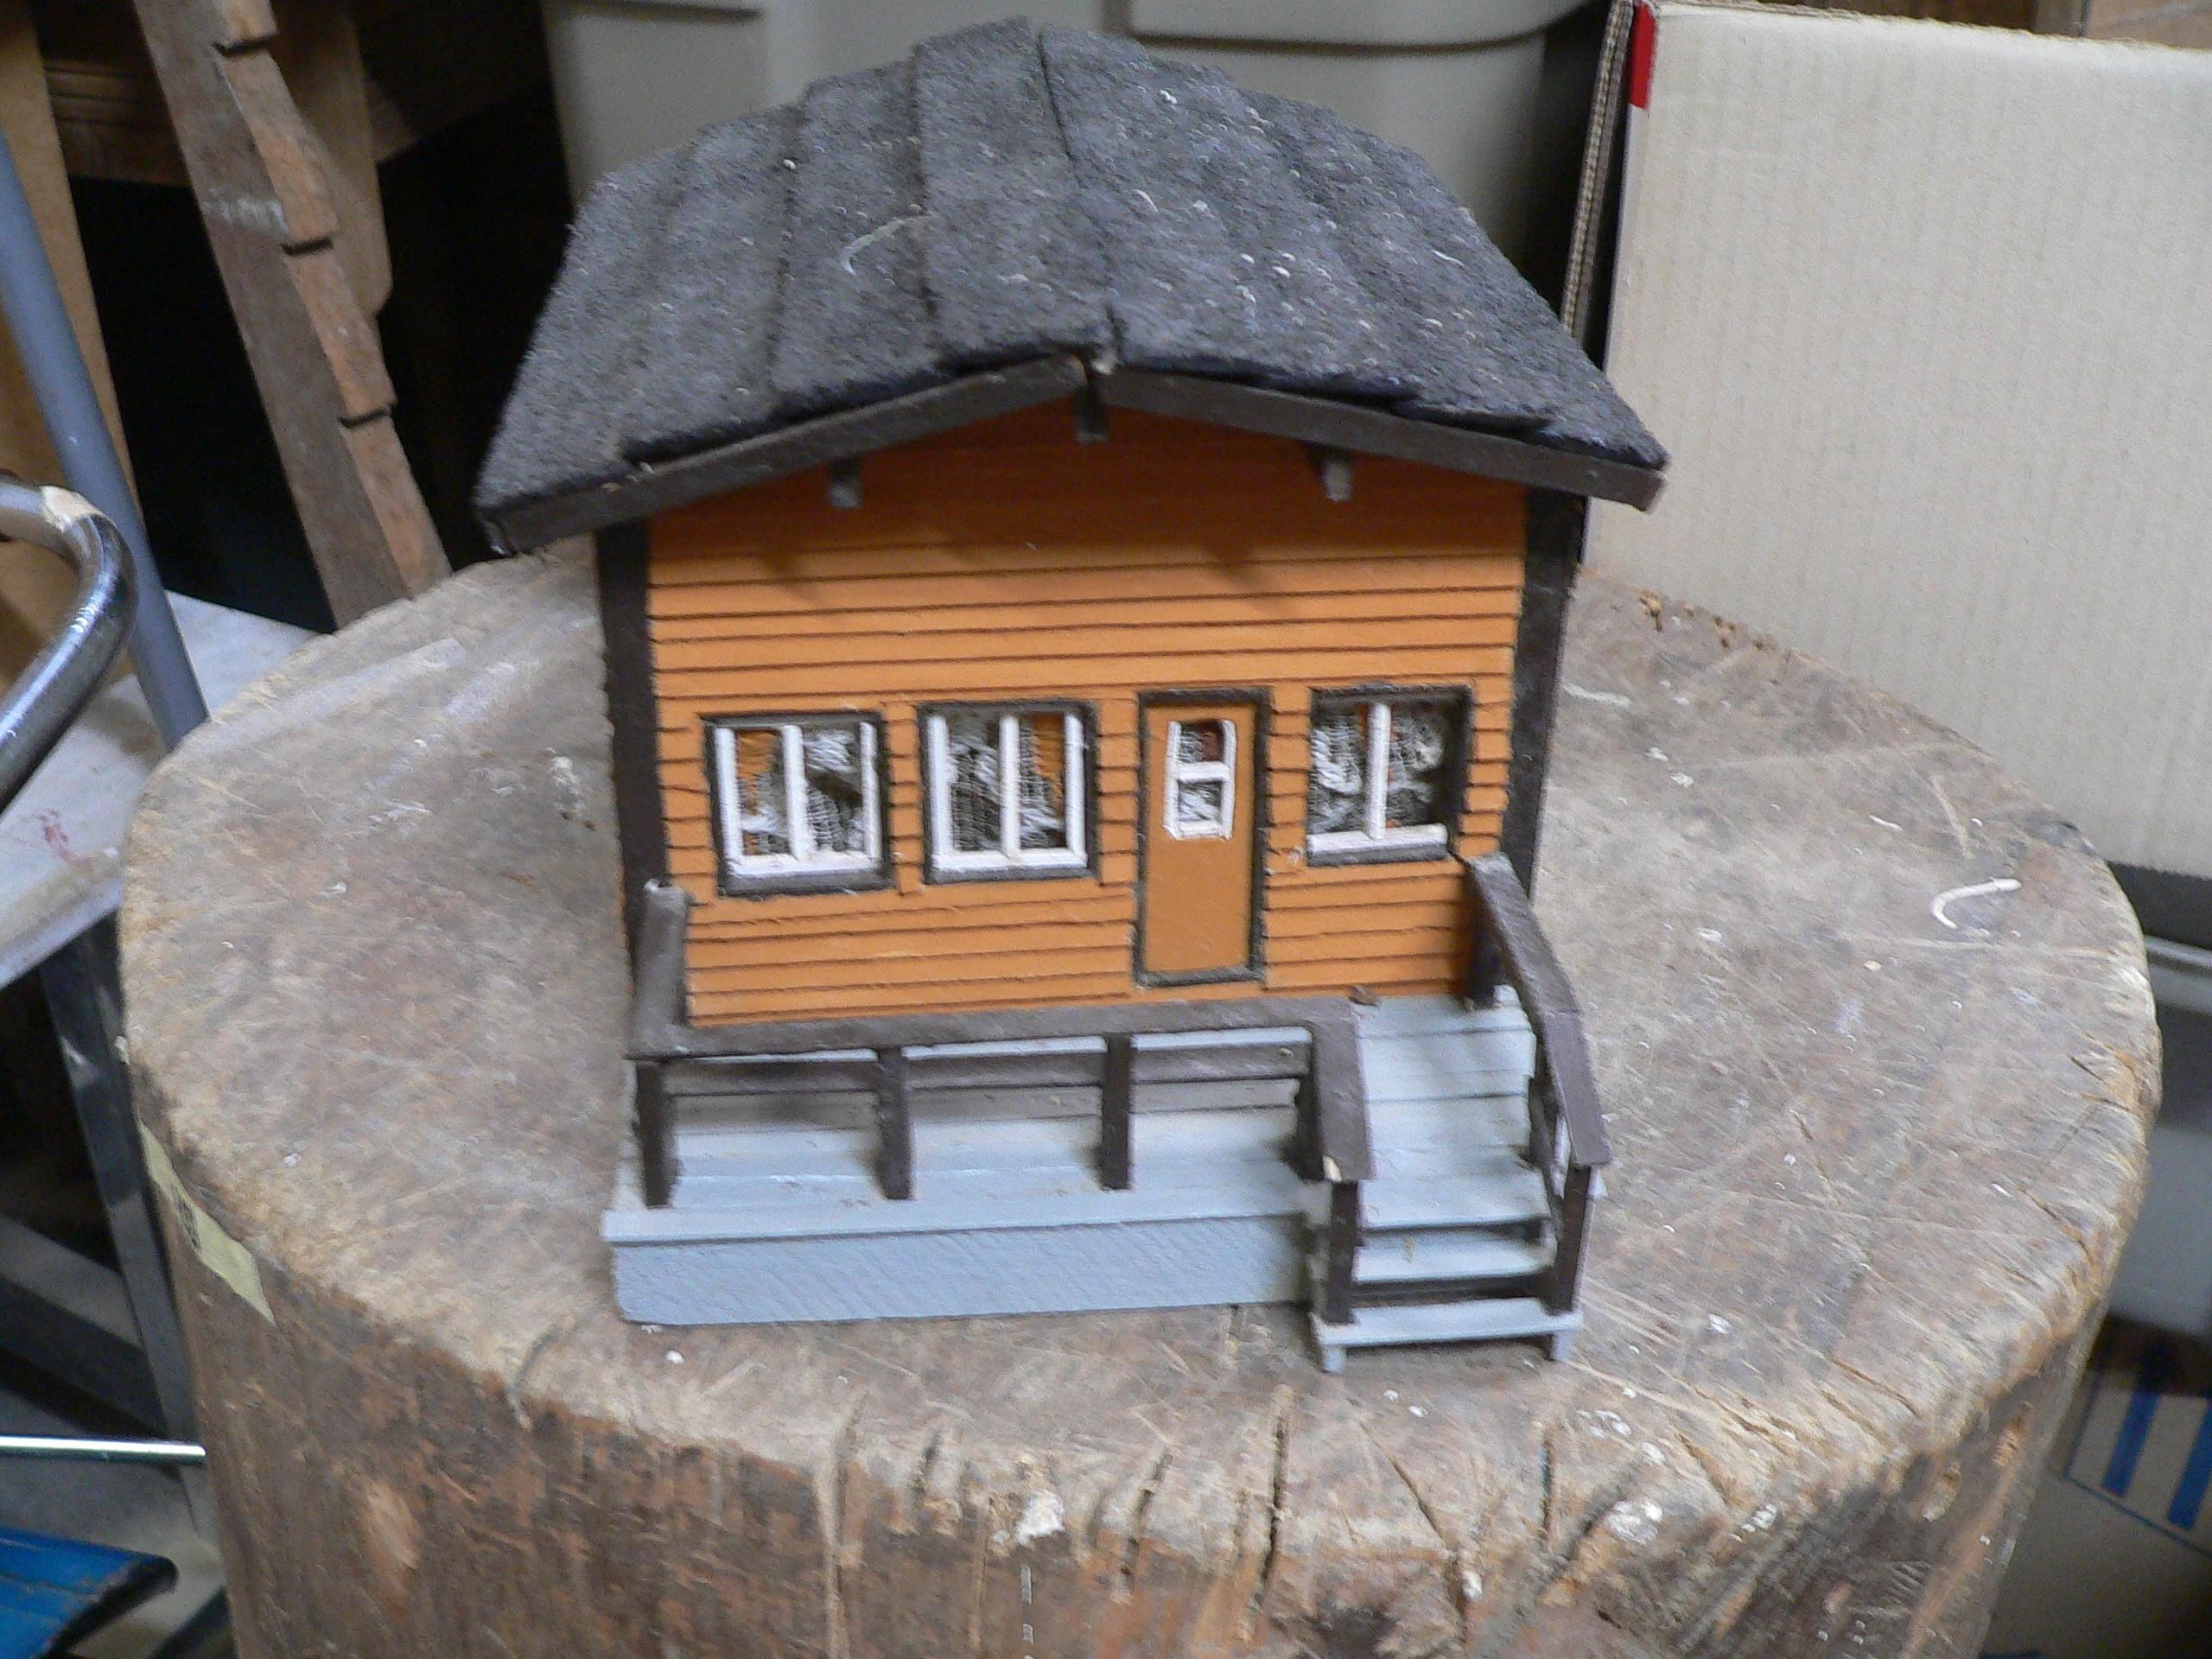 Belle petite maison vintage # 7403